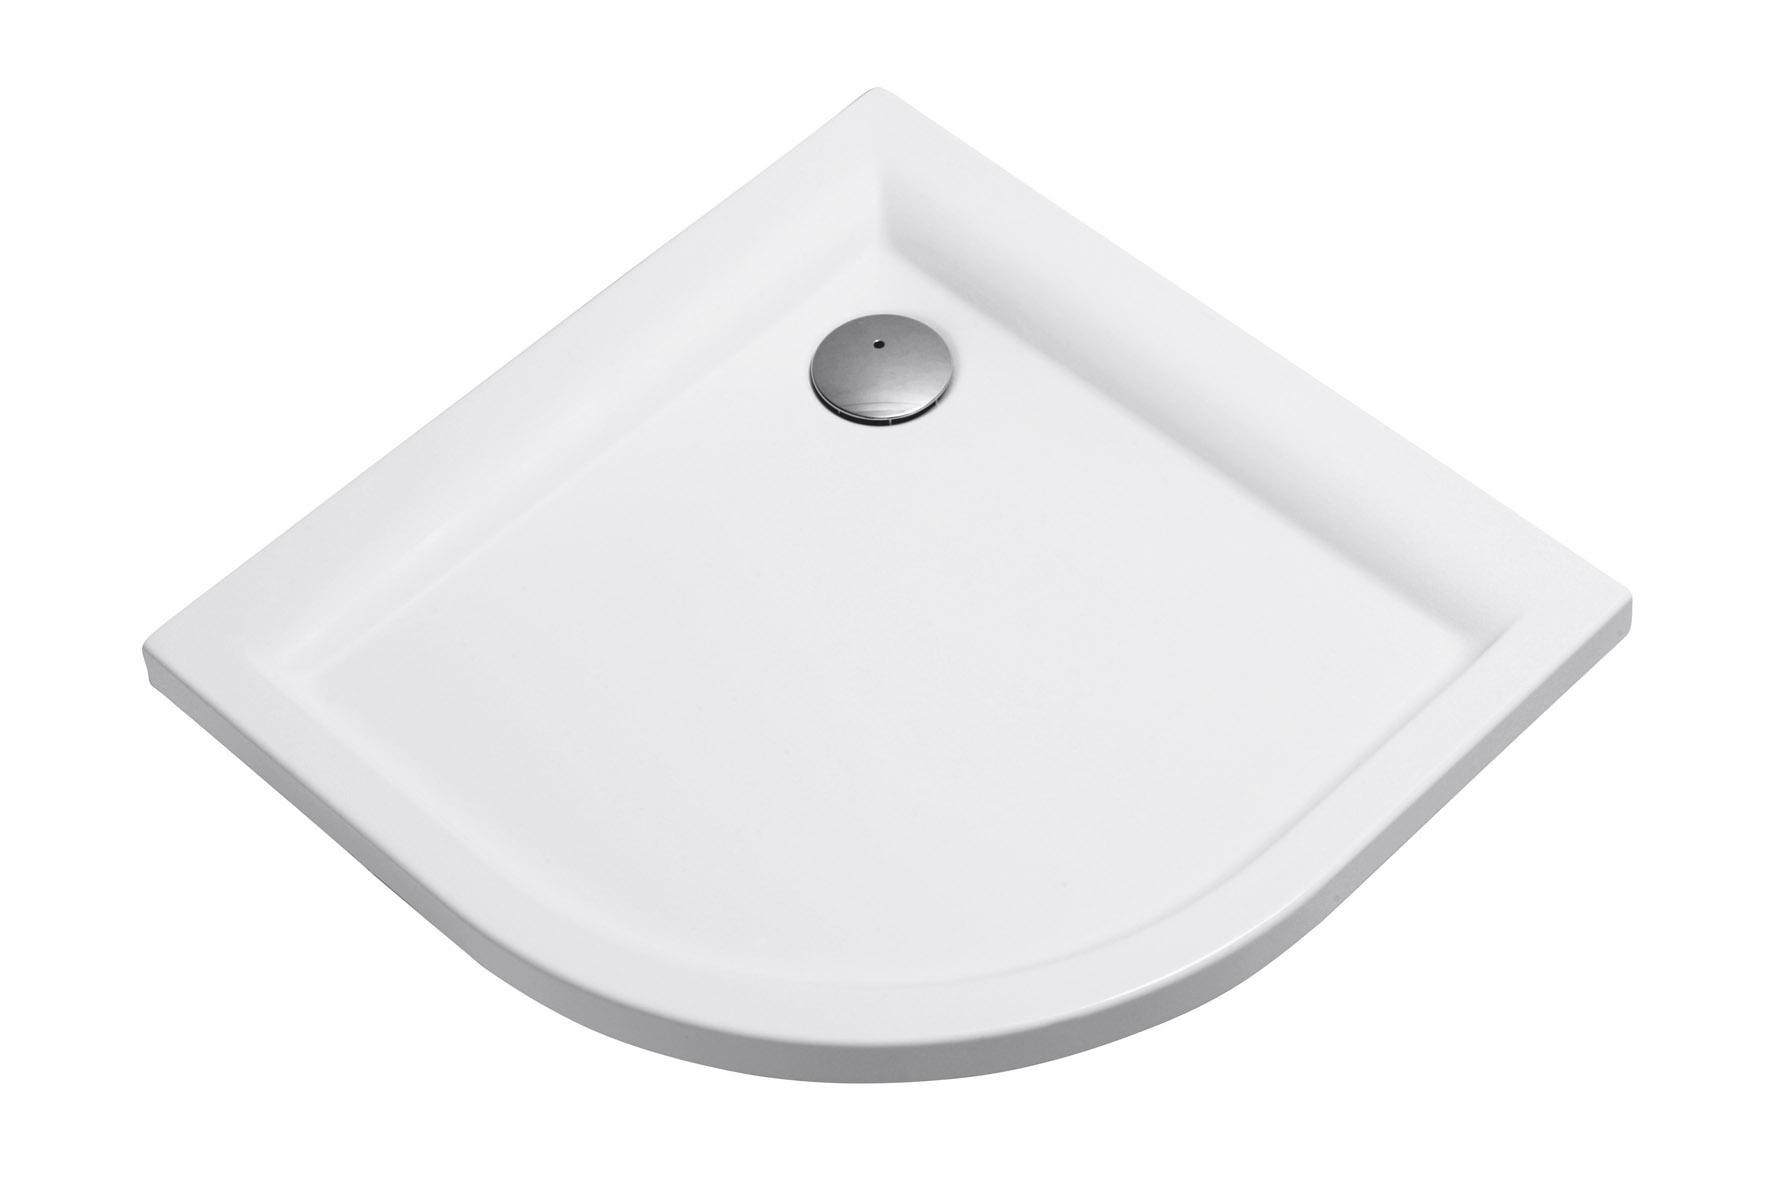 sprchové vaničky KOLO Pacifik XBN0780 80x80cm čtvrtkruh